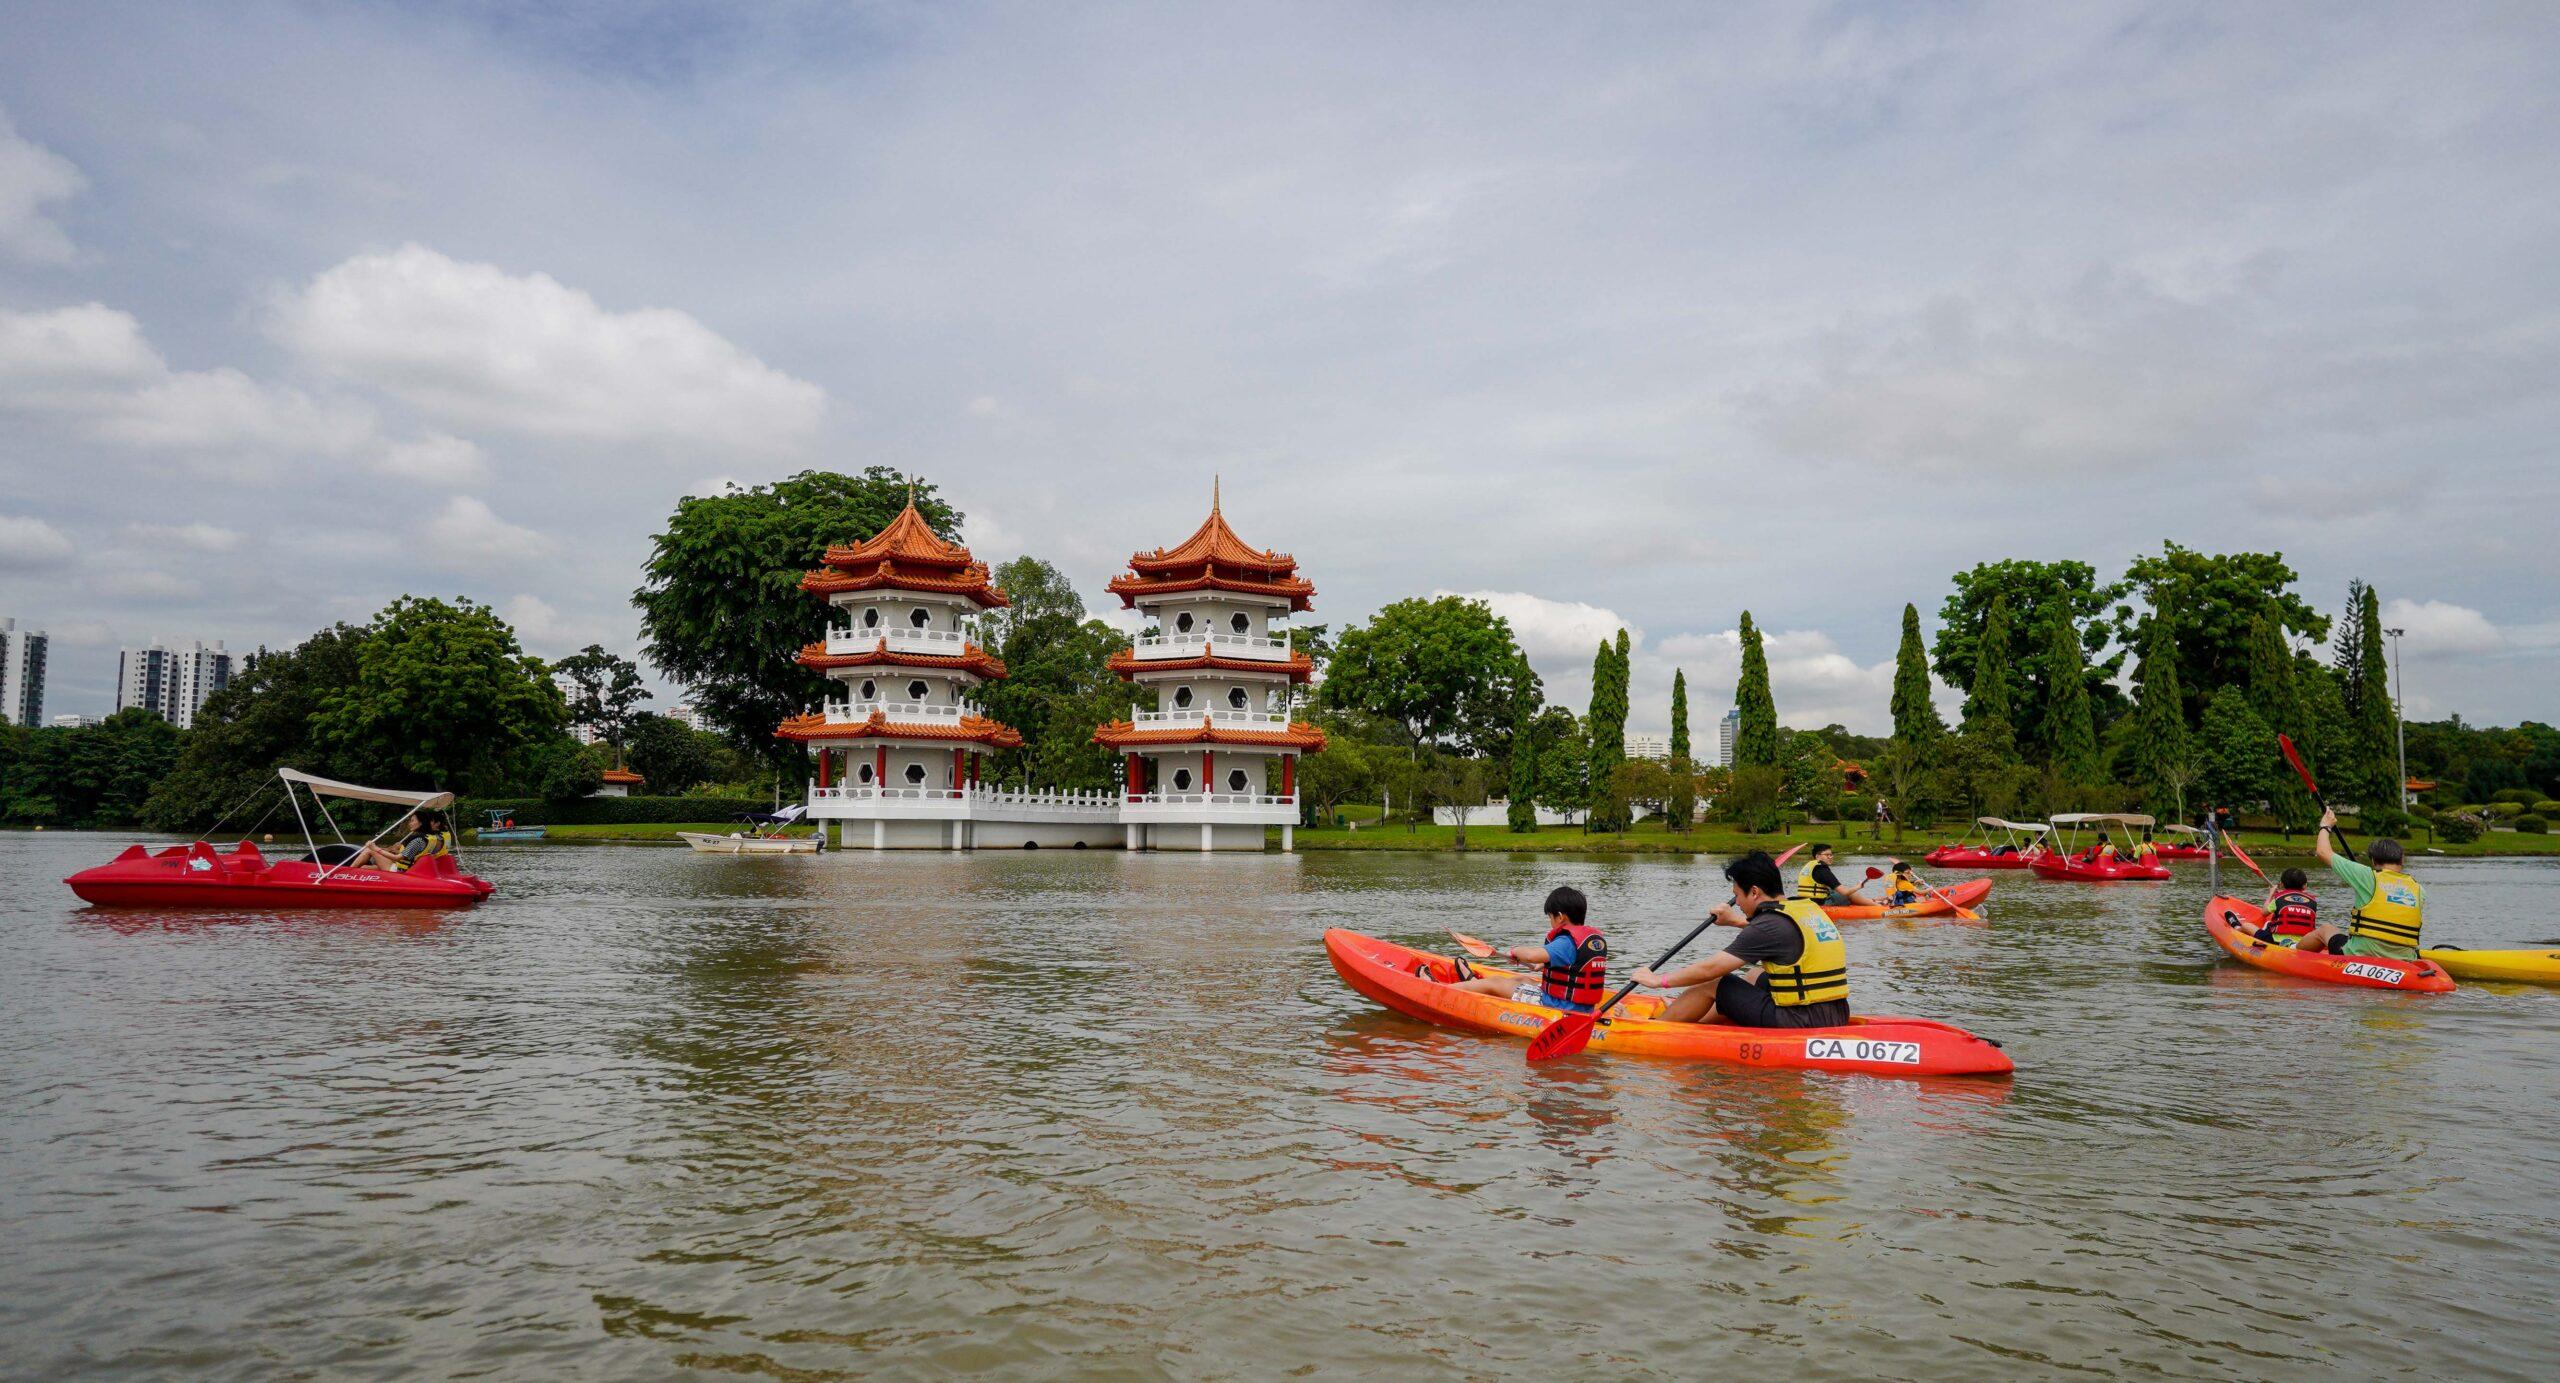 kayakers kayaking at jurong lake gardens